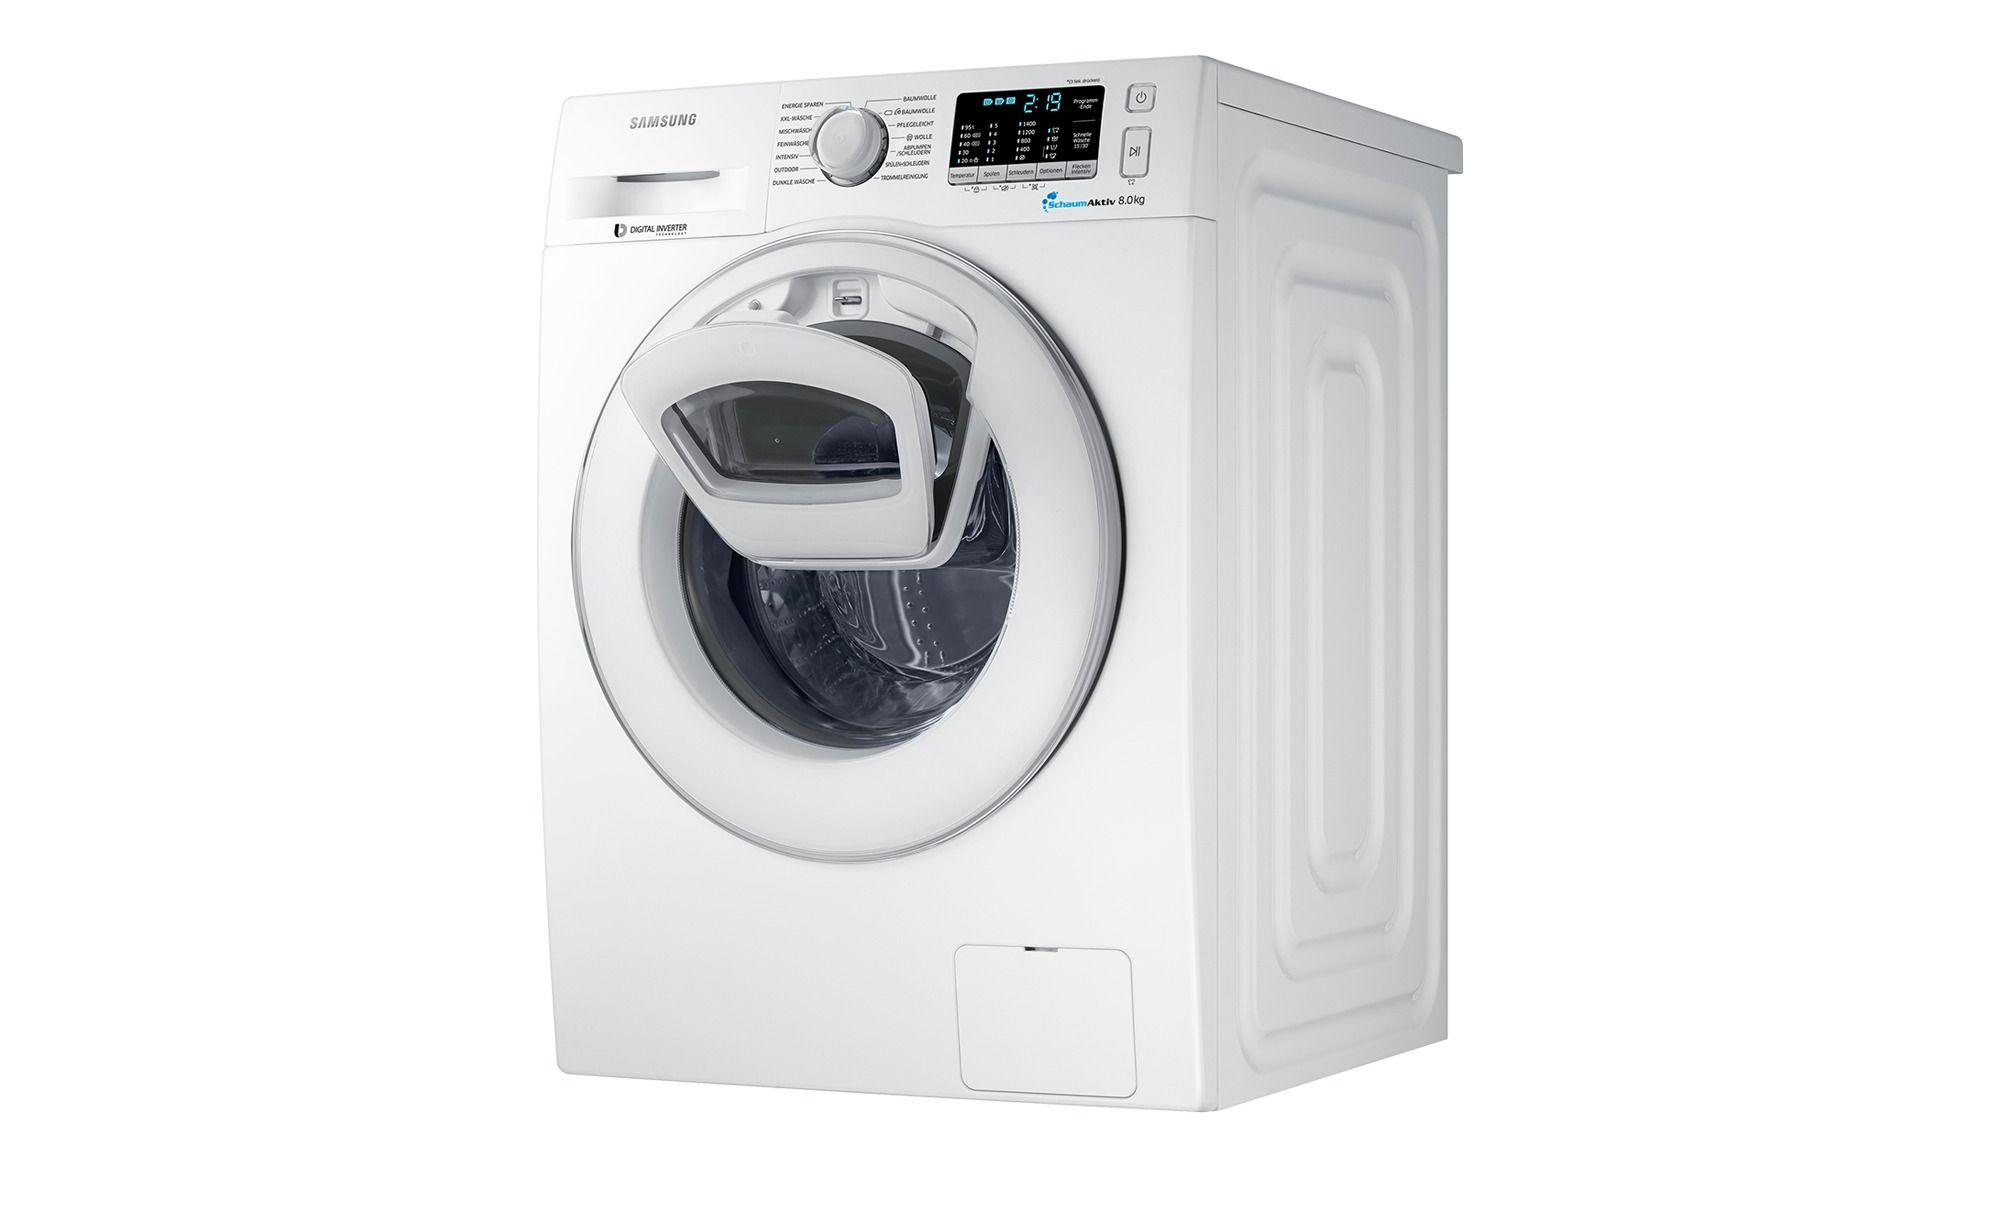 Samsung Waschvollautomat WW80k5400WW/EG, gefunden bei